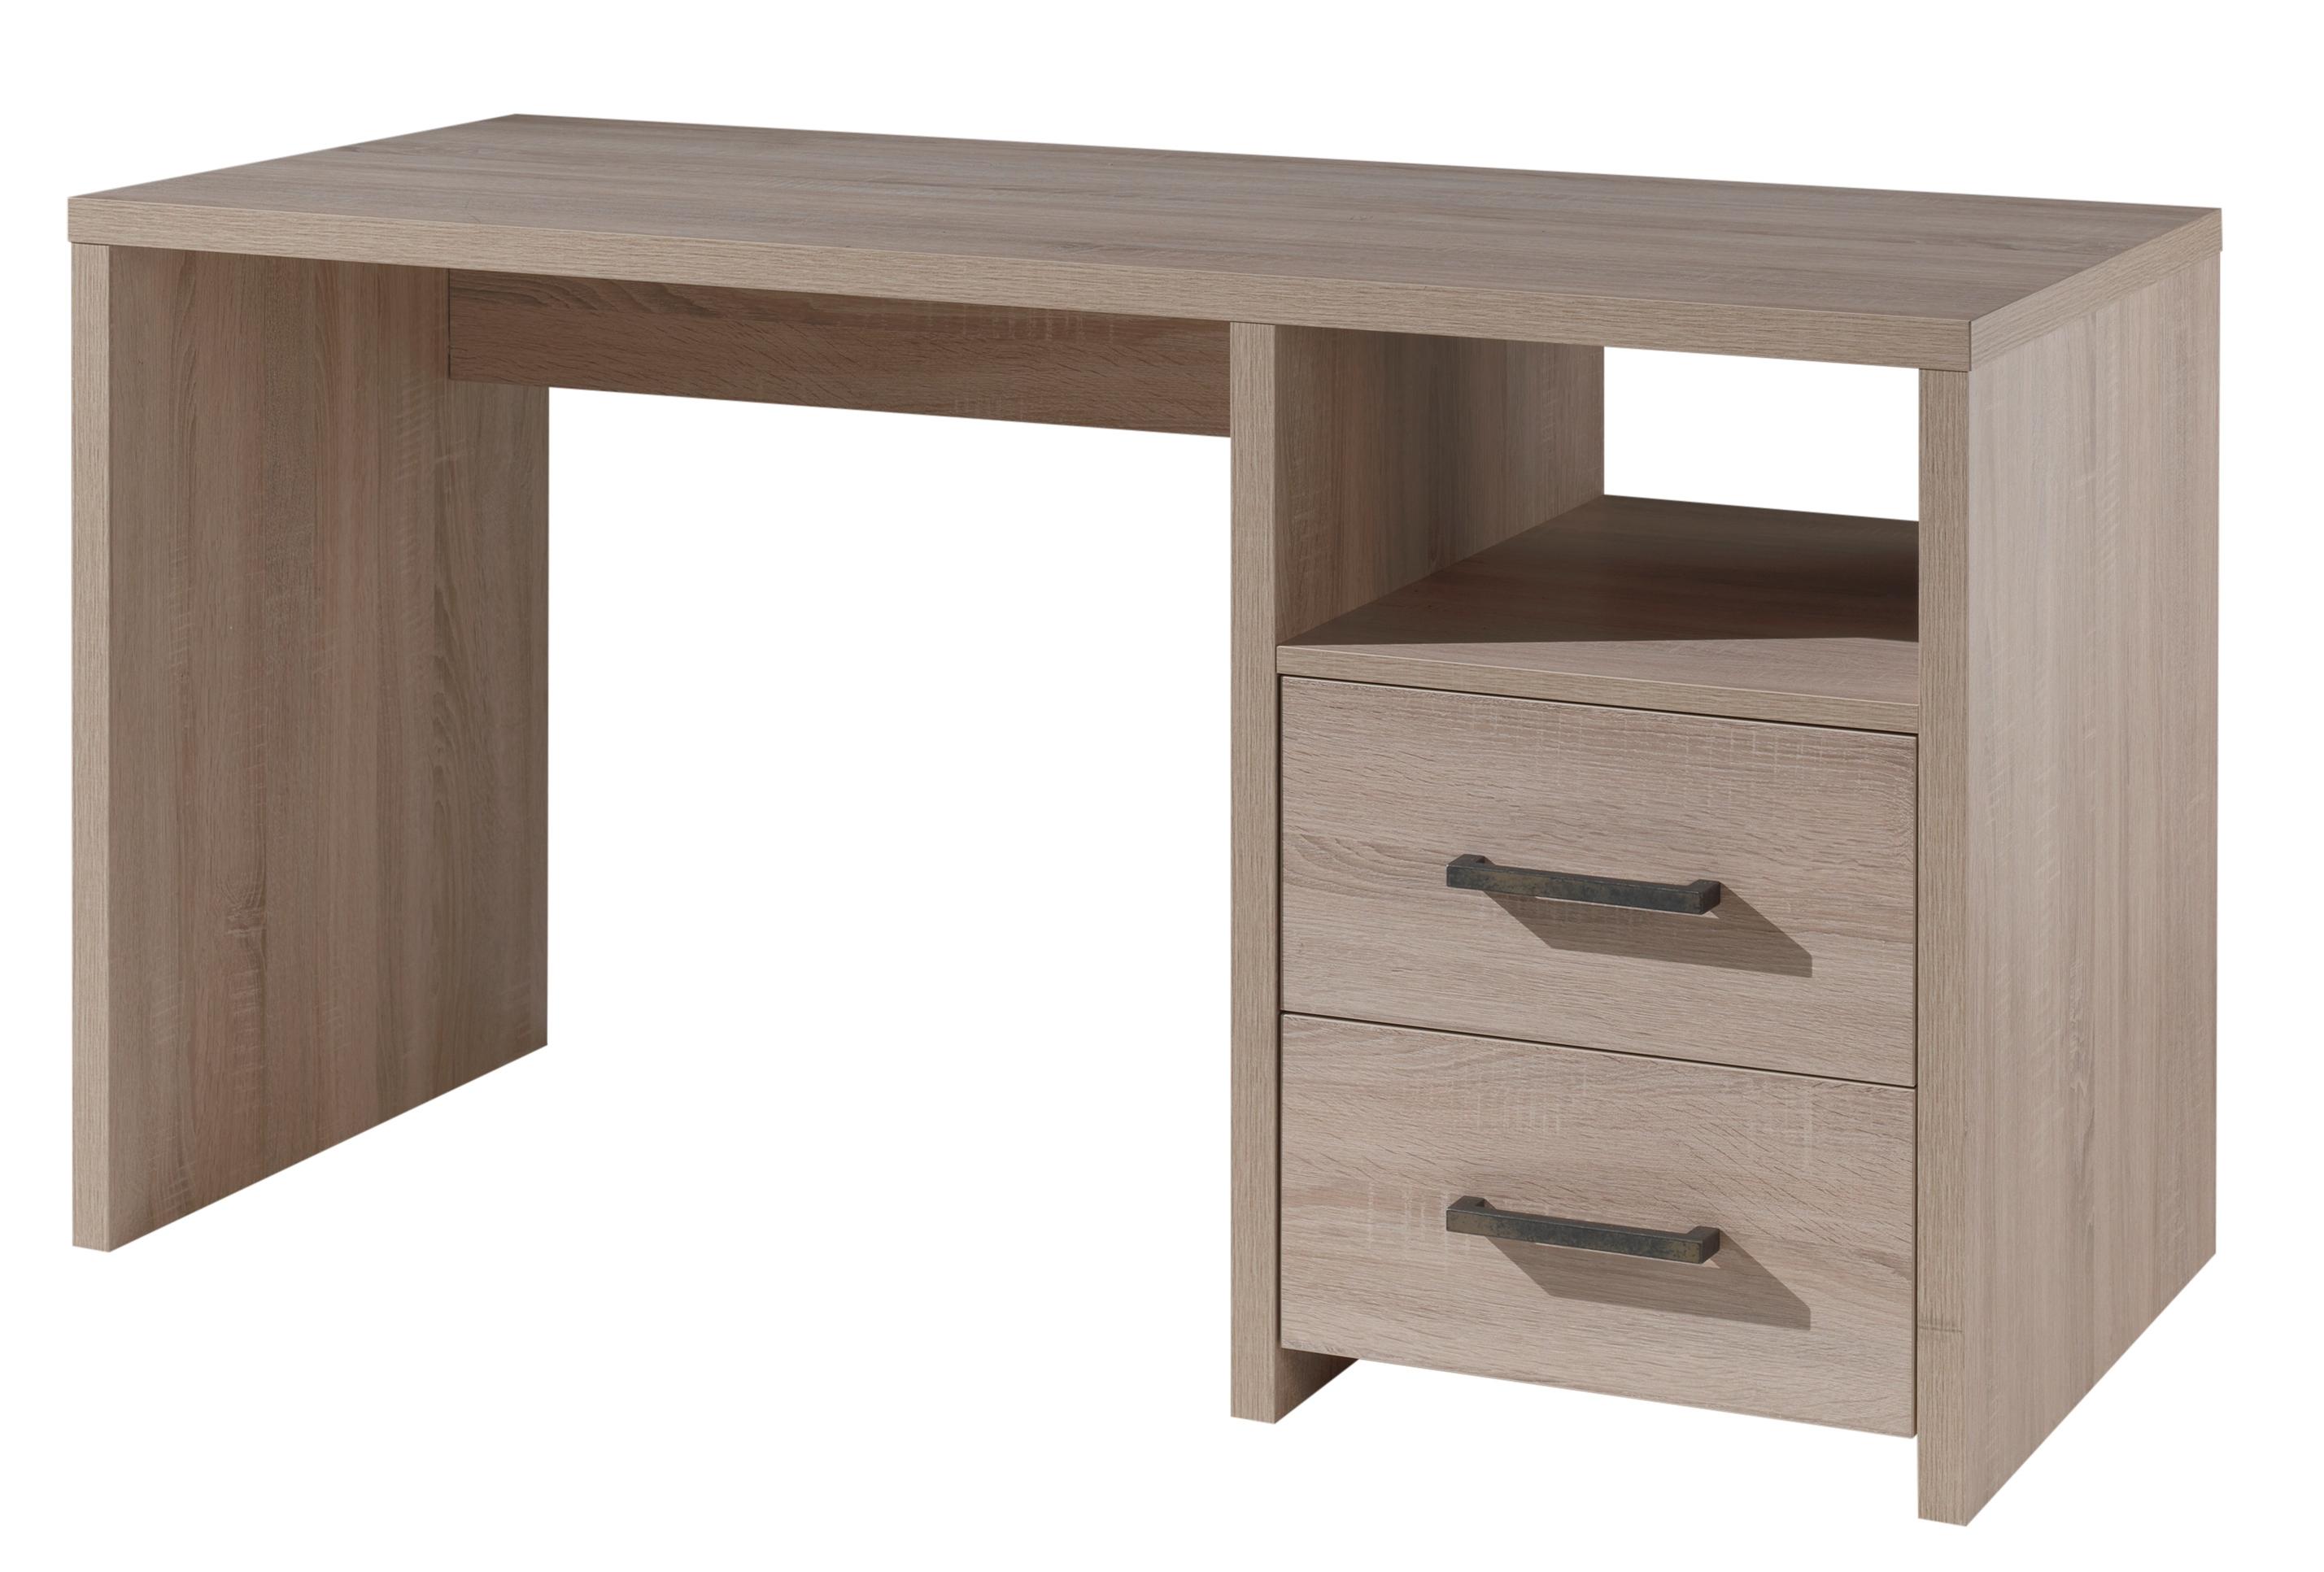 Bureau 2 tiroirs 1 niche bois chêne clair caline lestendances.fr